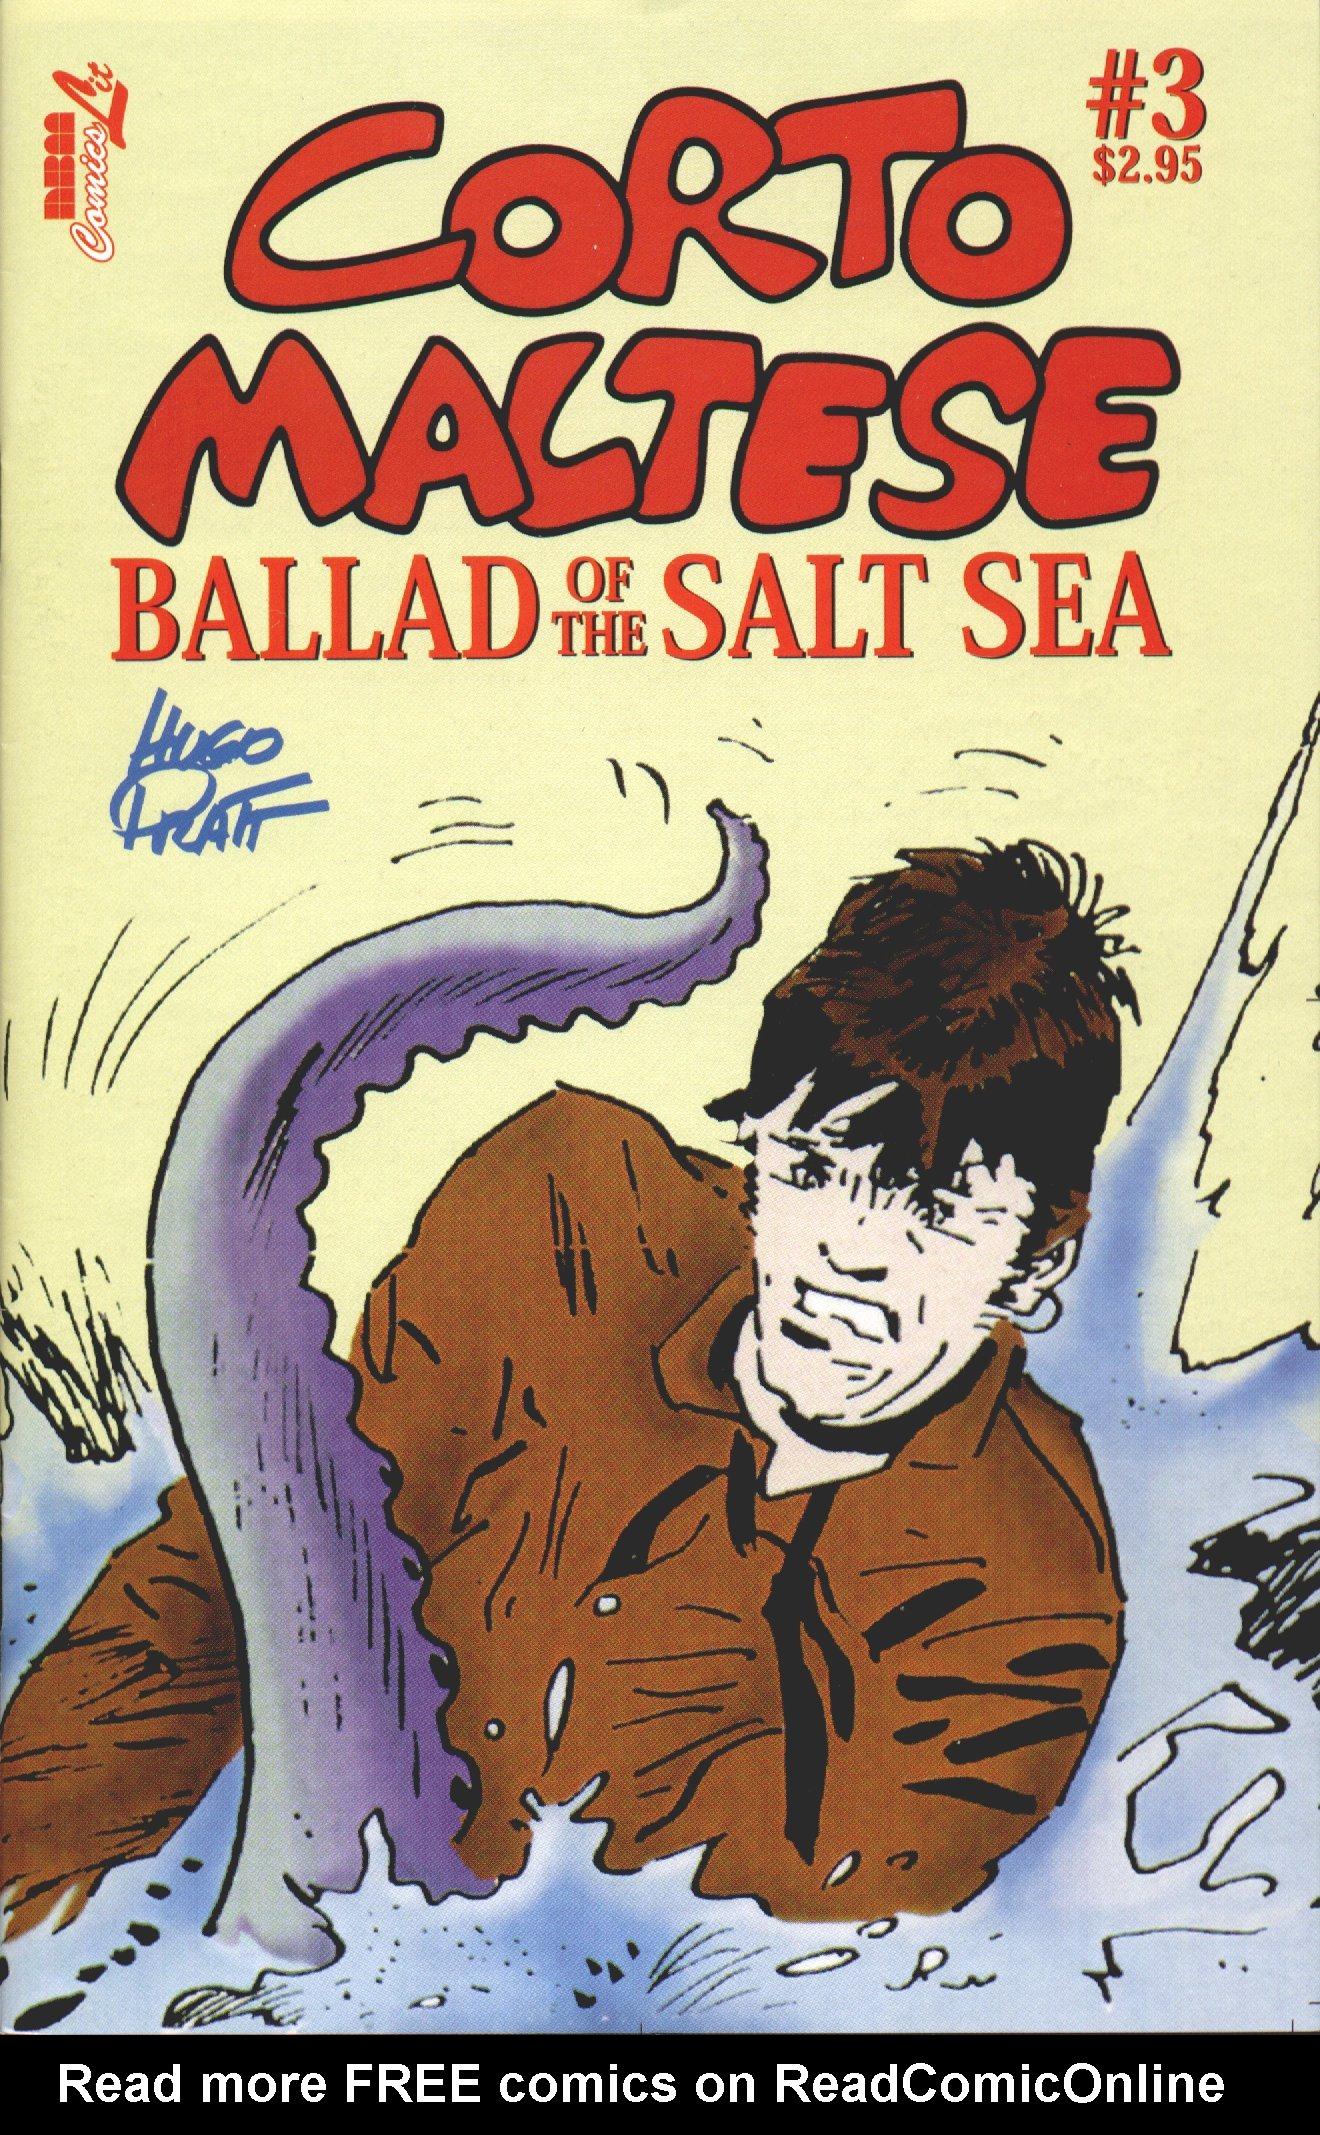 Corto Maltese: Ballad of the Salt Sea 3 Page 1